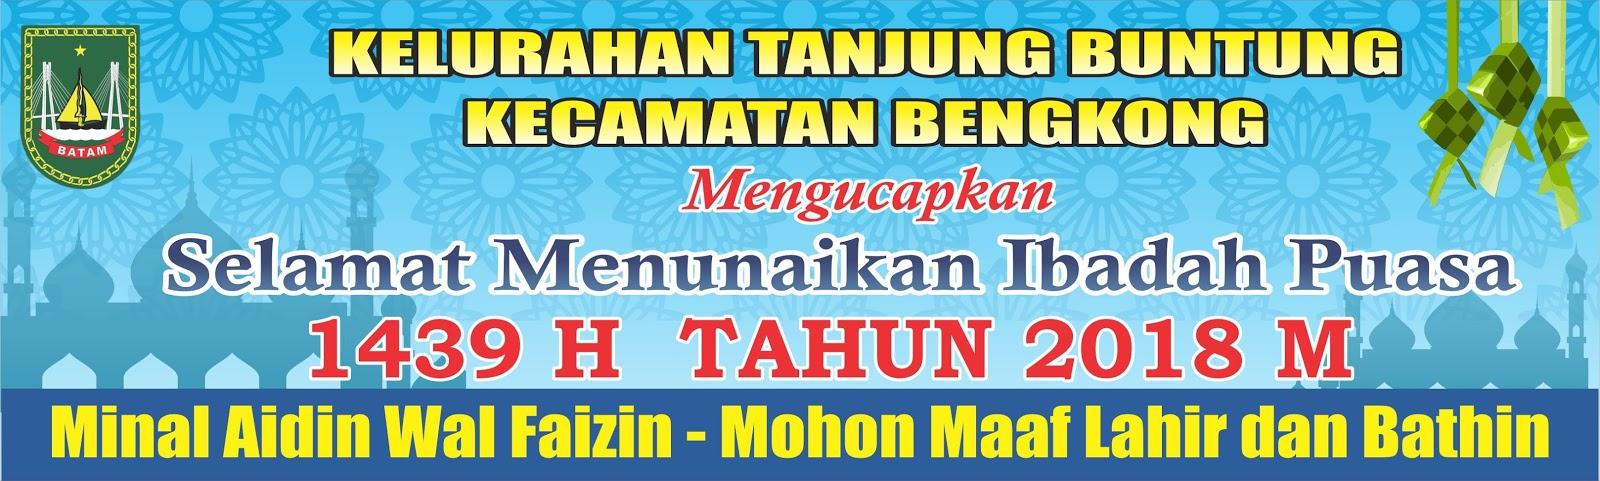 Spanduk Puasa Ramadhan Spanduk Hari Raya Idul Fitri Hijriah Jadwal Imsakiyah Ramadhan Bandung